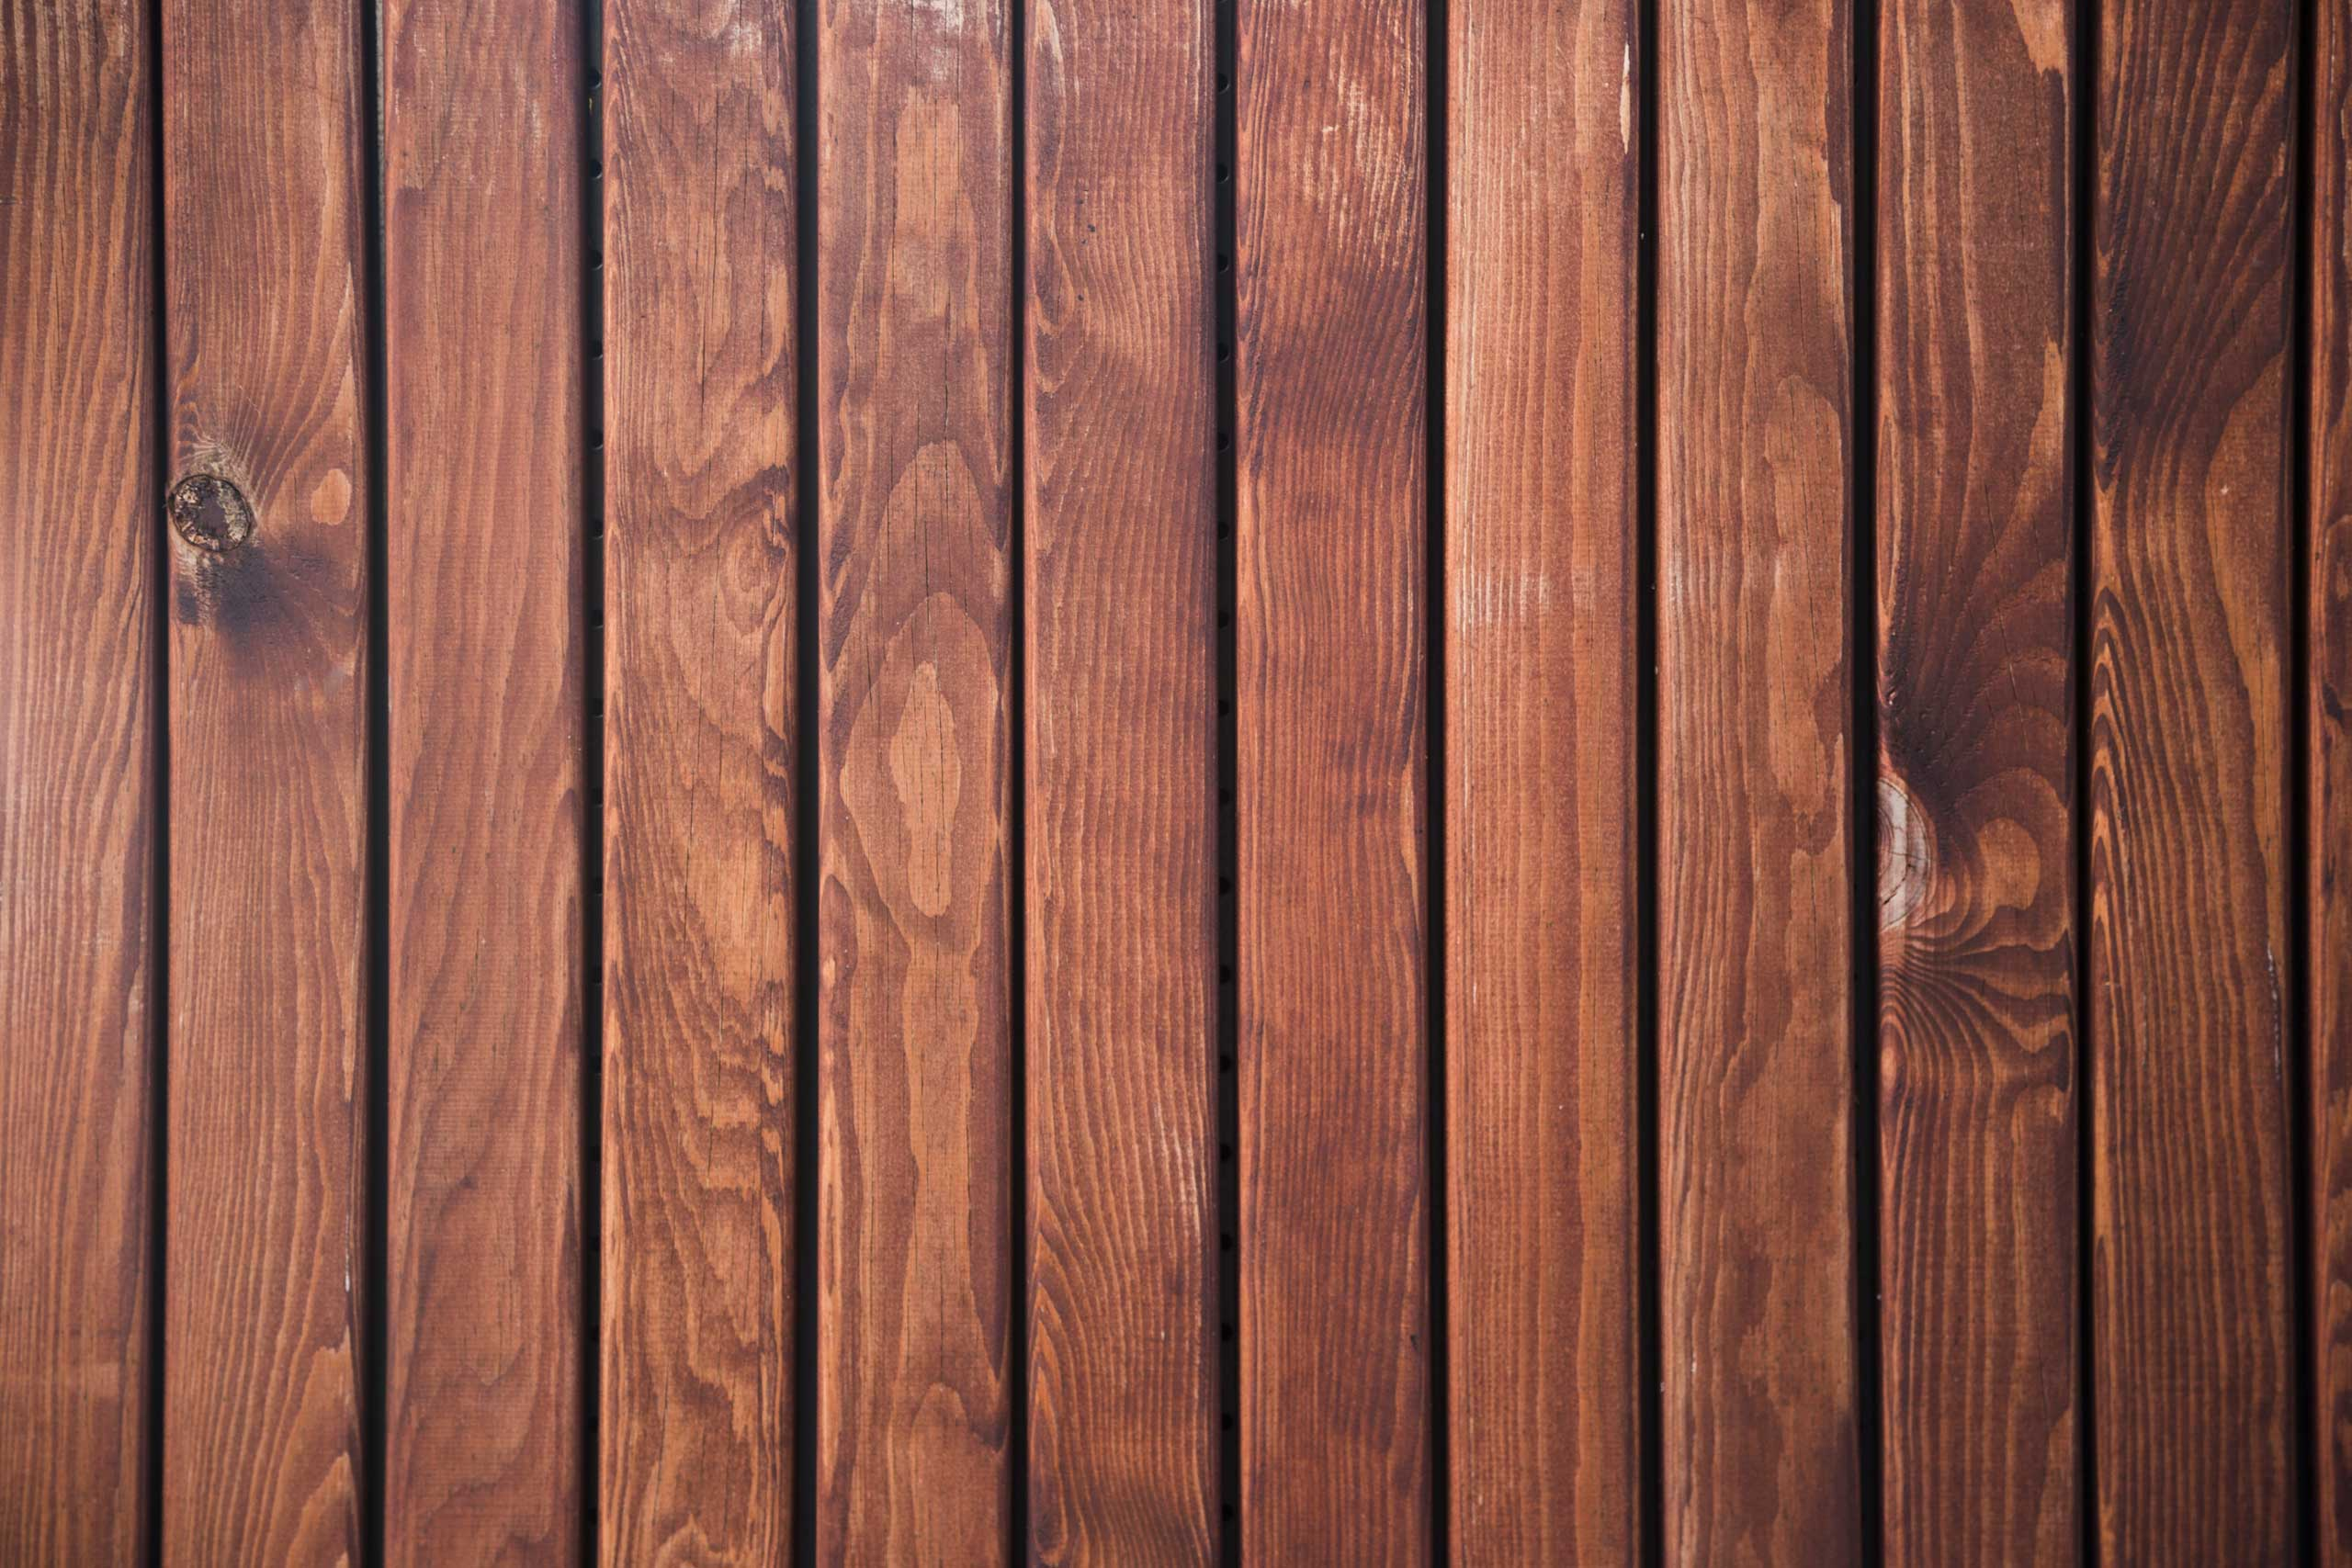 Коричневая текстура деревянные рейки на стене.